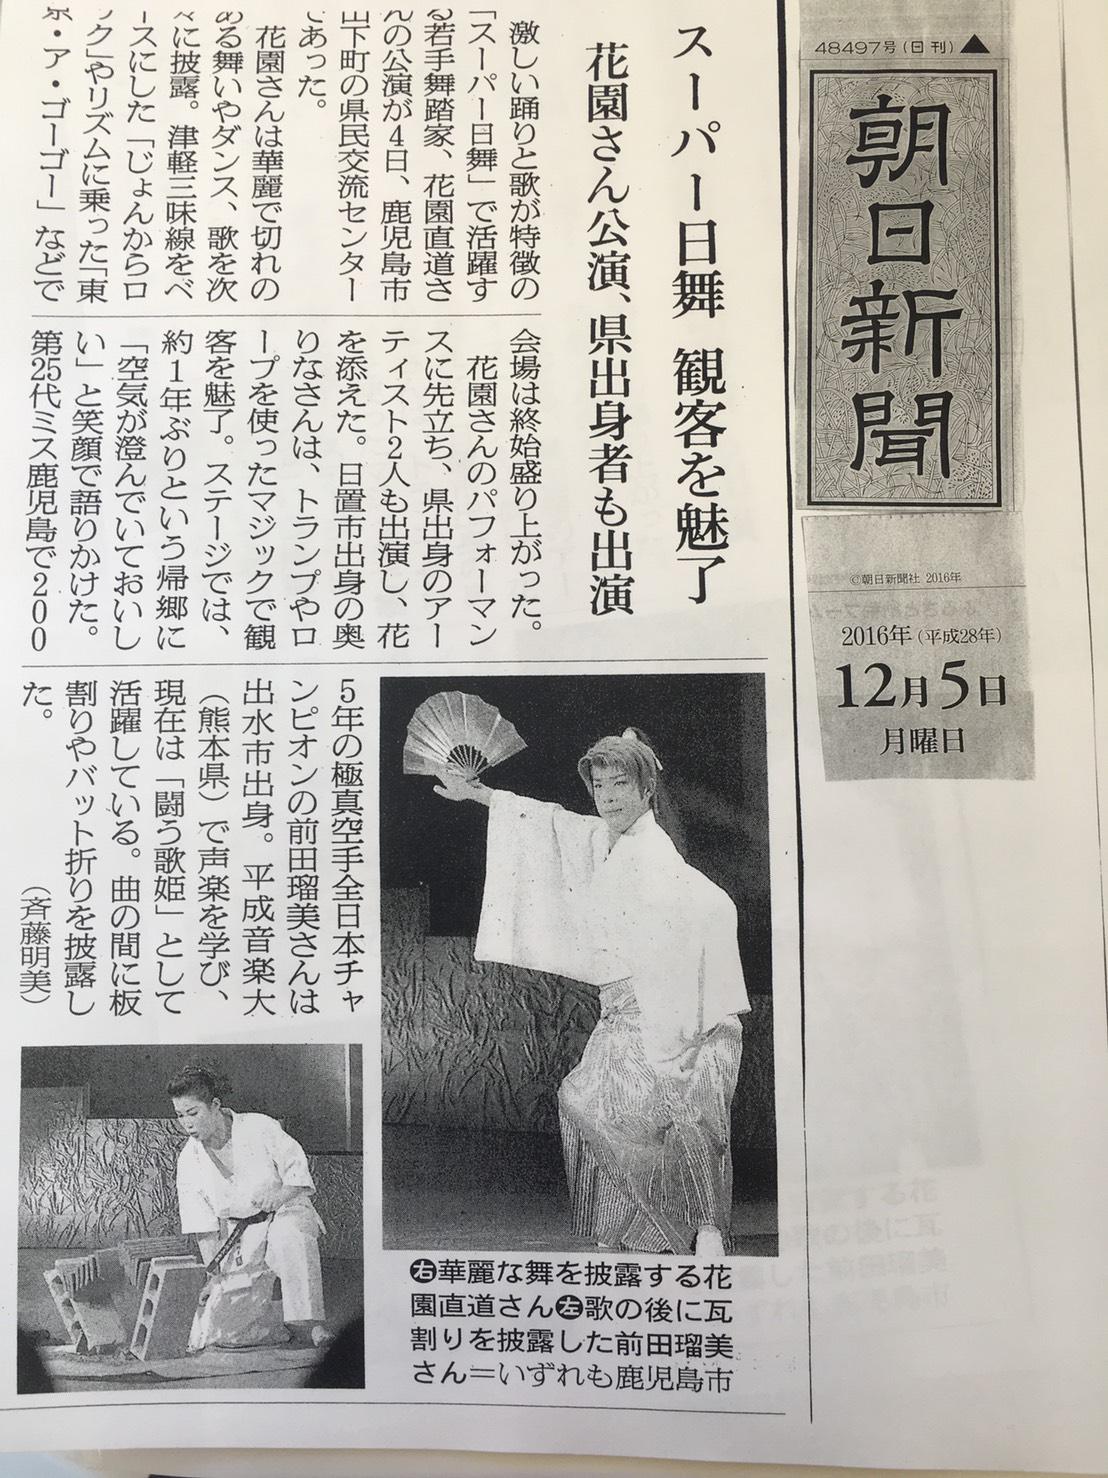 朝日新聞 スーパー日舞